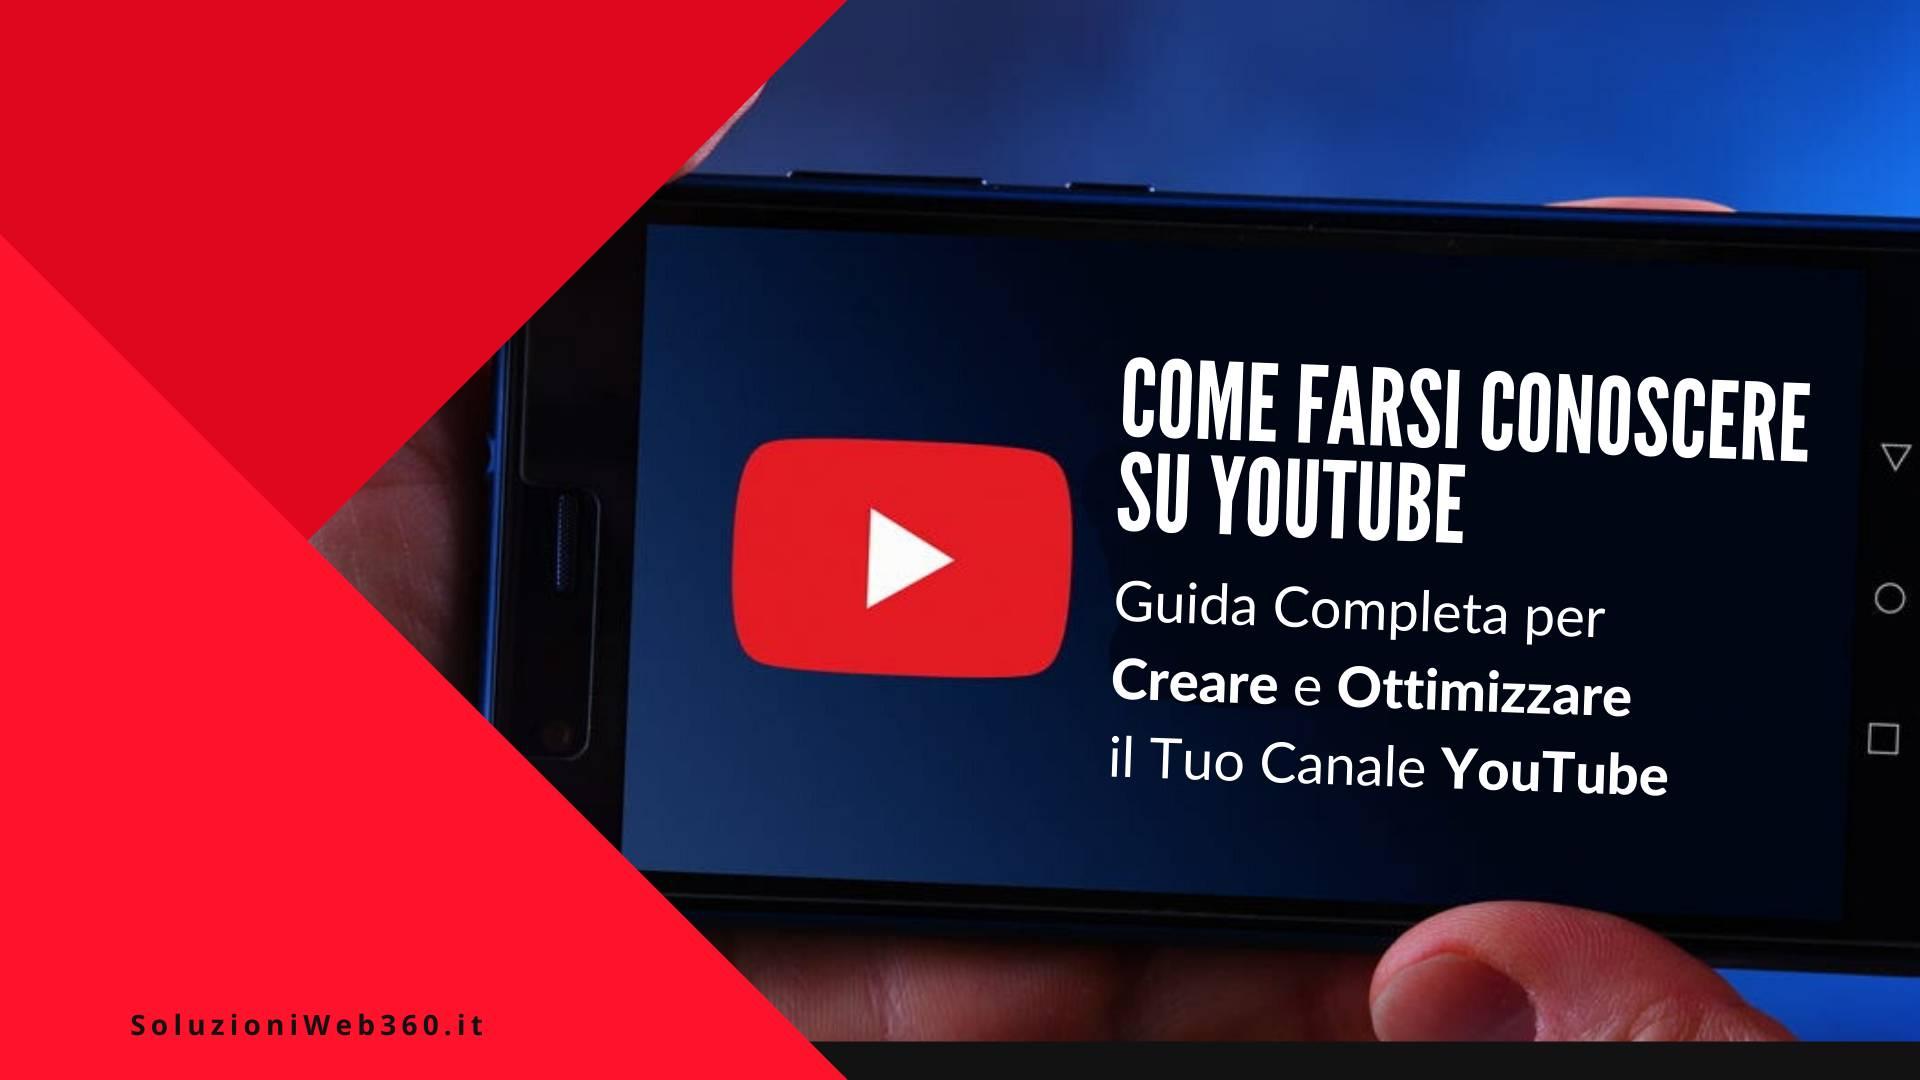 Come farsi conoscere su YouTube – Guida completa per Creare e Ottimizzare il Tuo canale YouTube